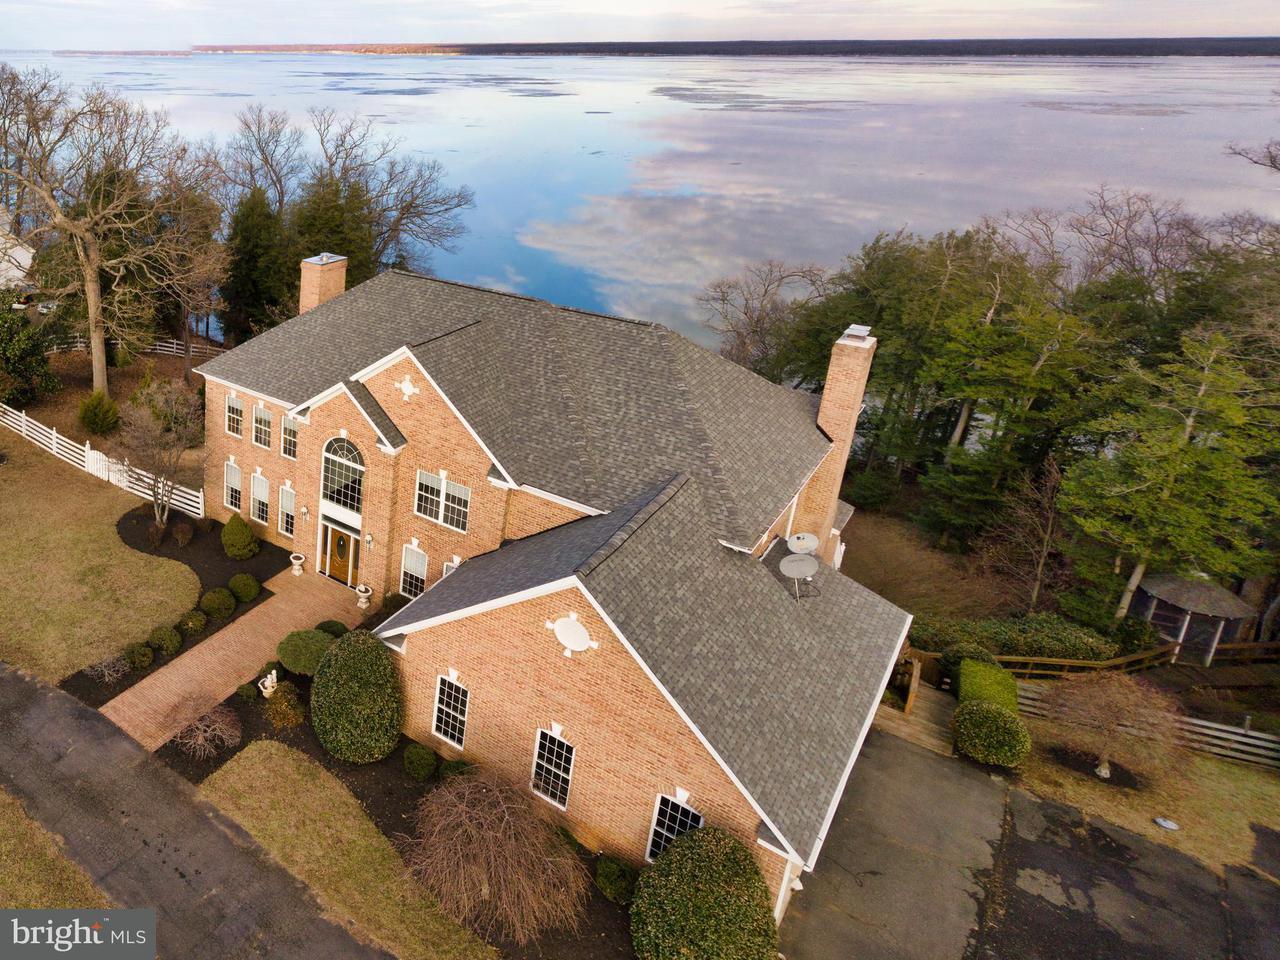 獨棟家庭住宅 為 出售 在 17 Potomac Overlook Lane 17 Potomac Overlook Lane Stafford, 弗吉尼亞州 22554 美國